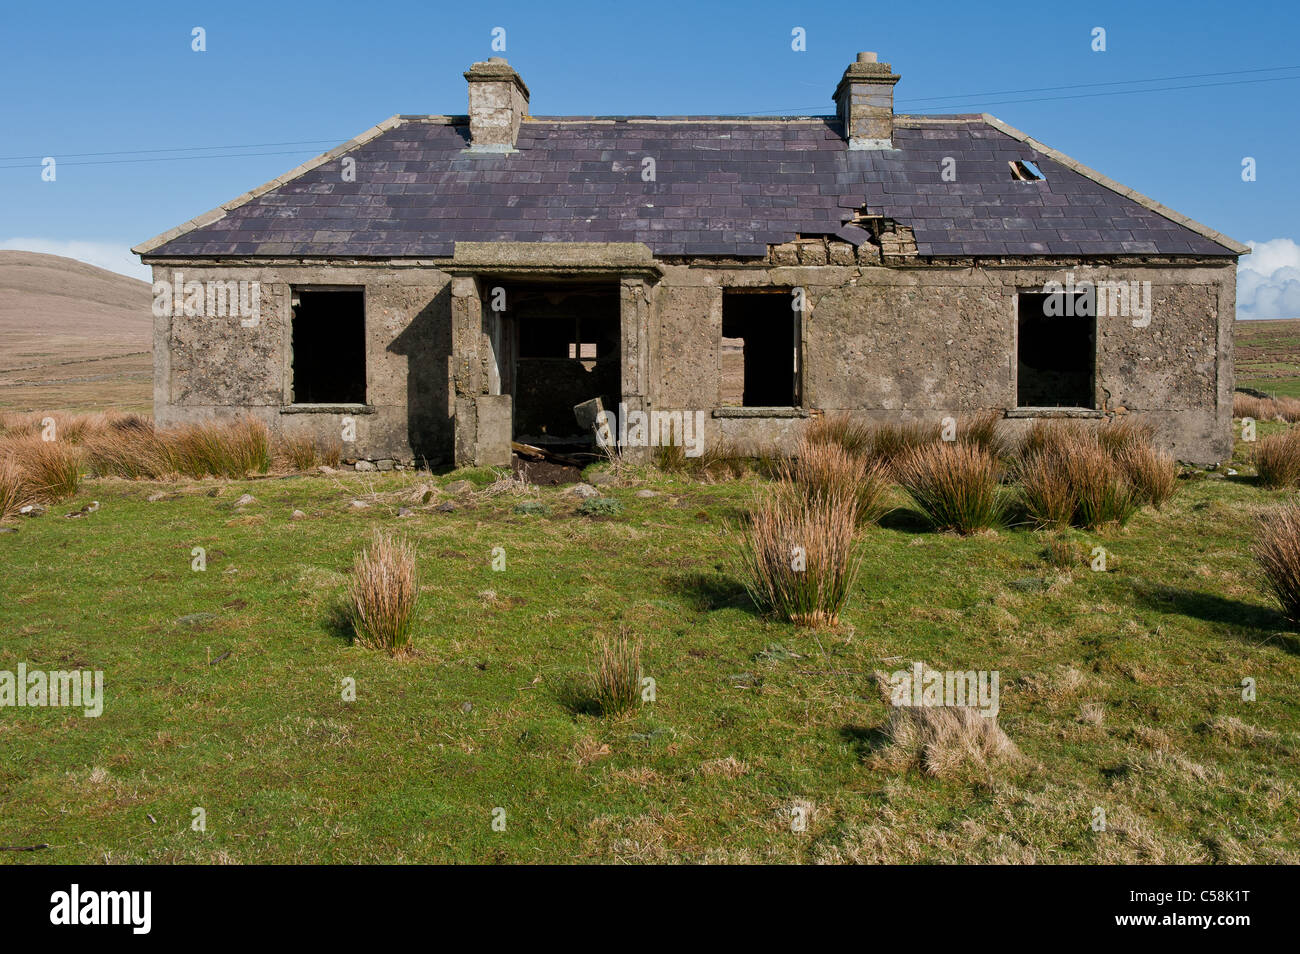 ein altes verfallenes haus im westen von irland stockfoto. Black Bedroom Furniture Sets. Home Design Ideas